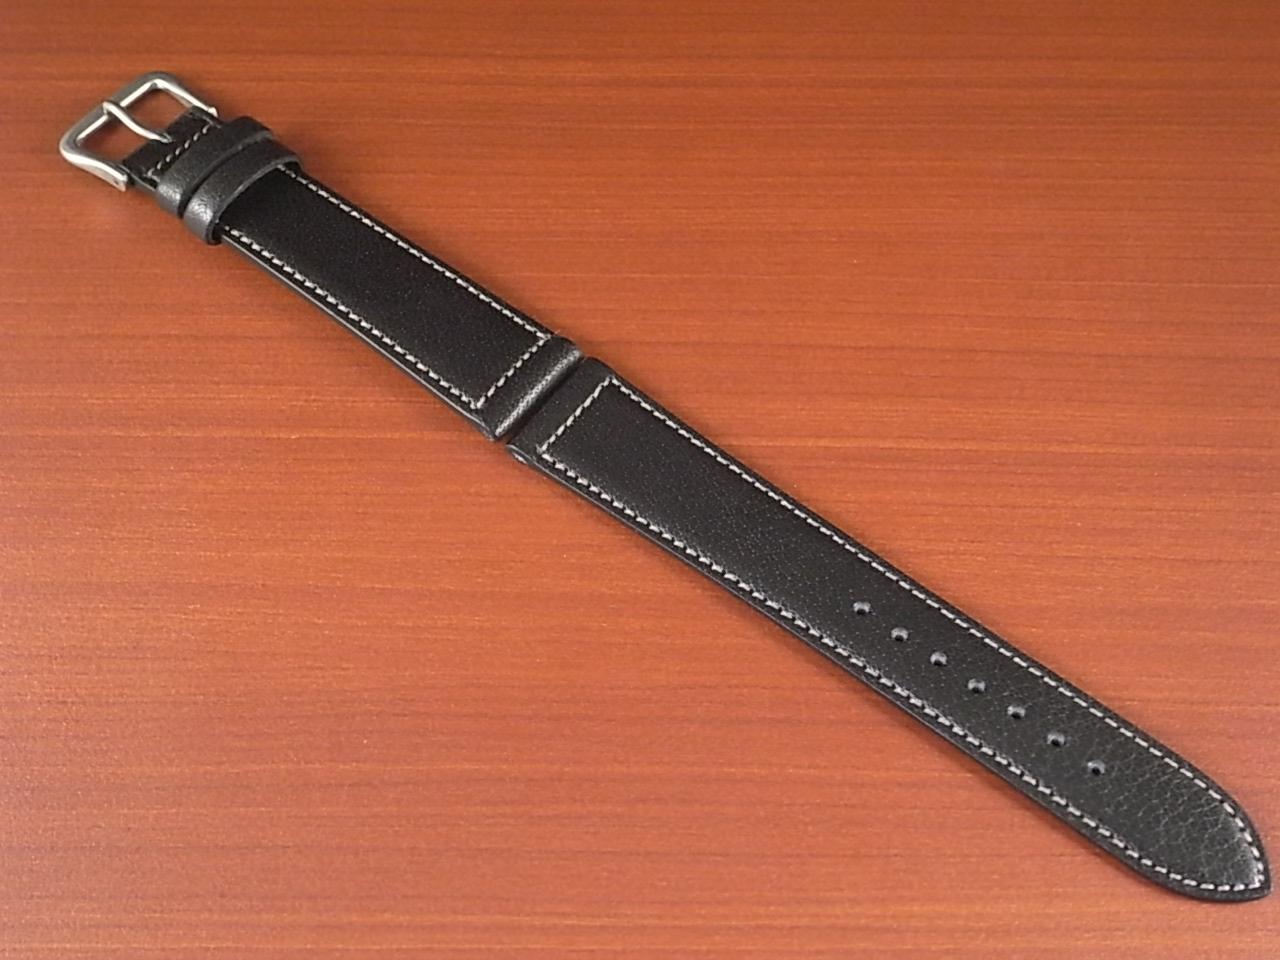 バッファロー 革ベルト 濃茶 19mm オリジナル CC-028aのメイン写真